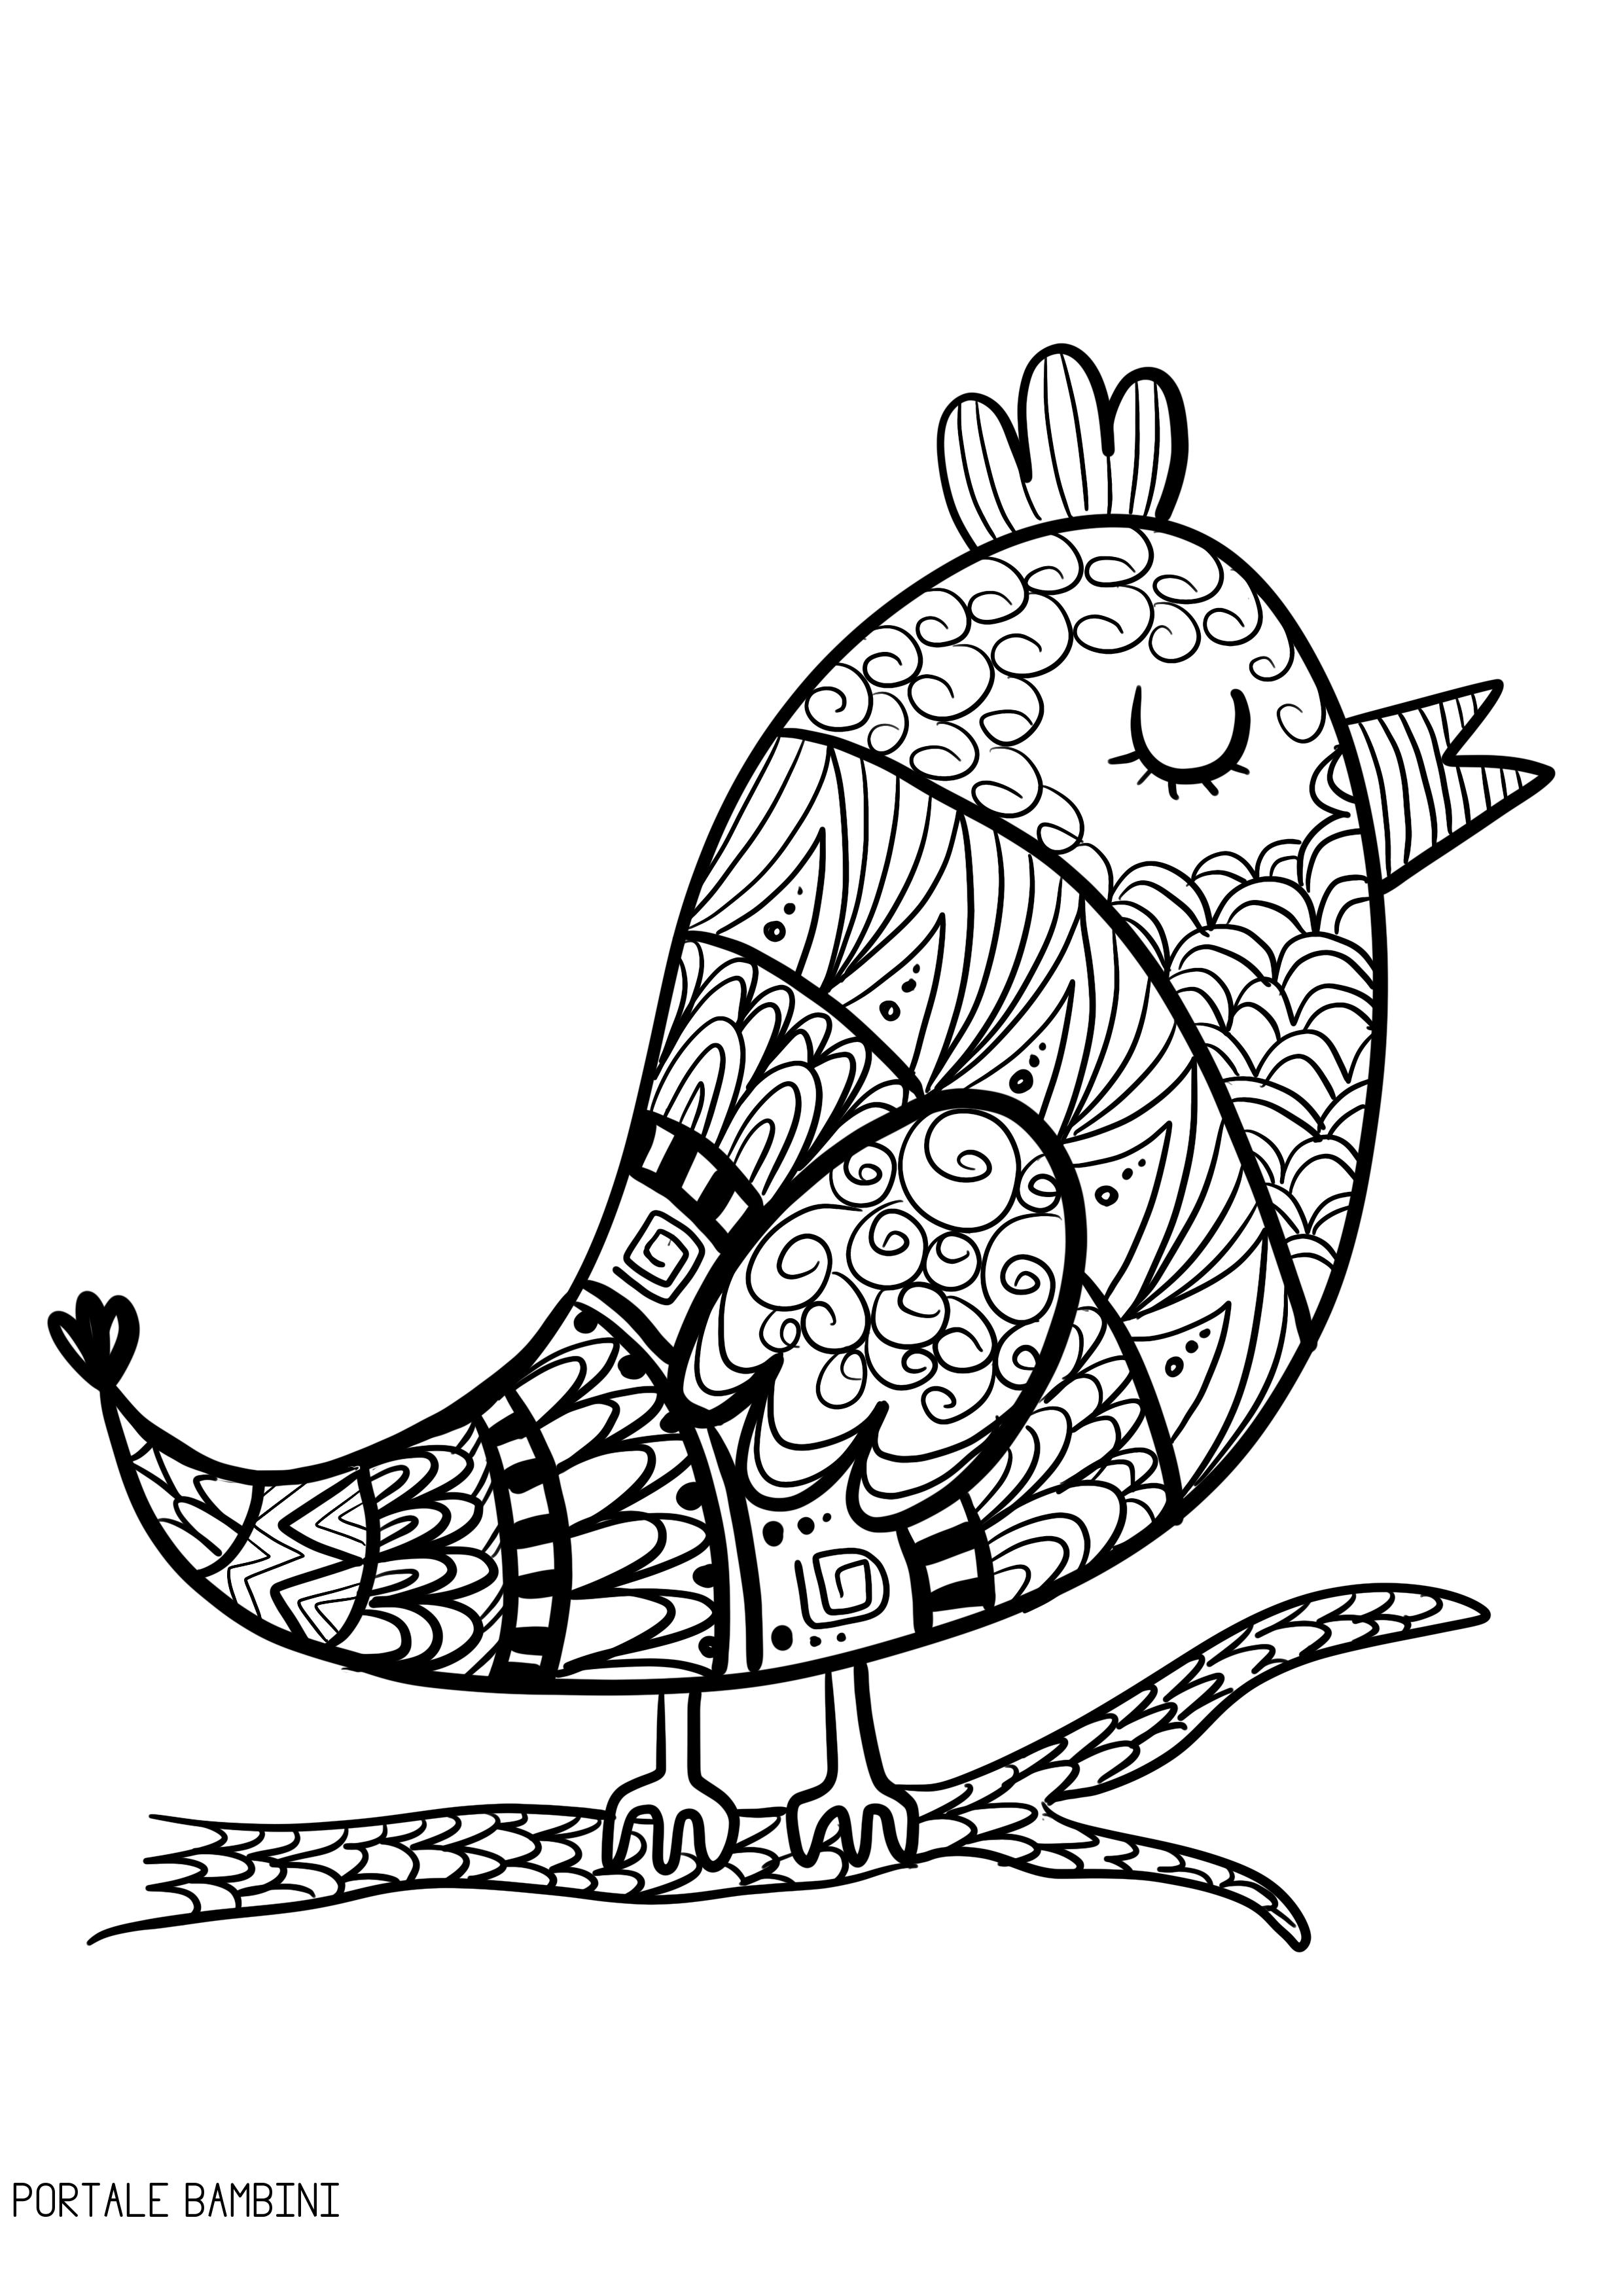 Disegni Da Colorare E Stampare Degli Uccelli Coloradisegni